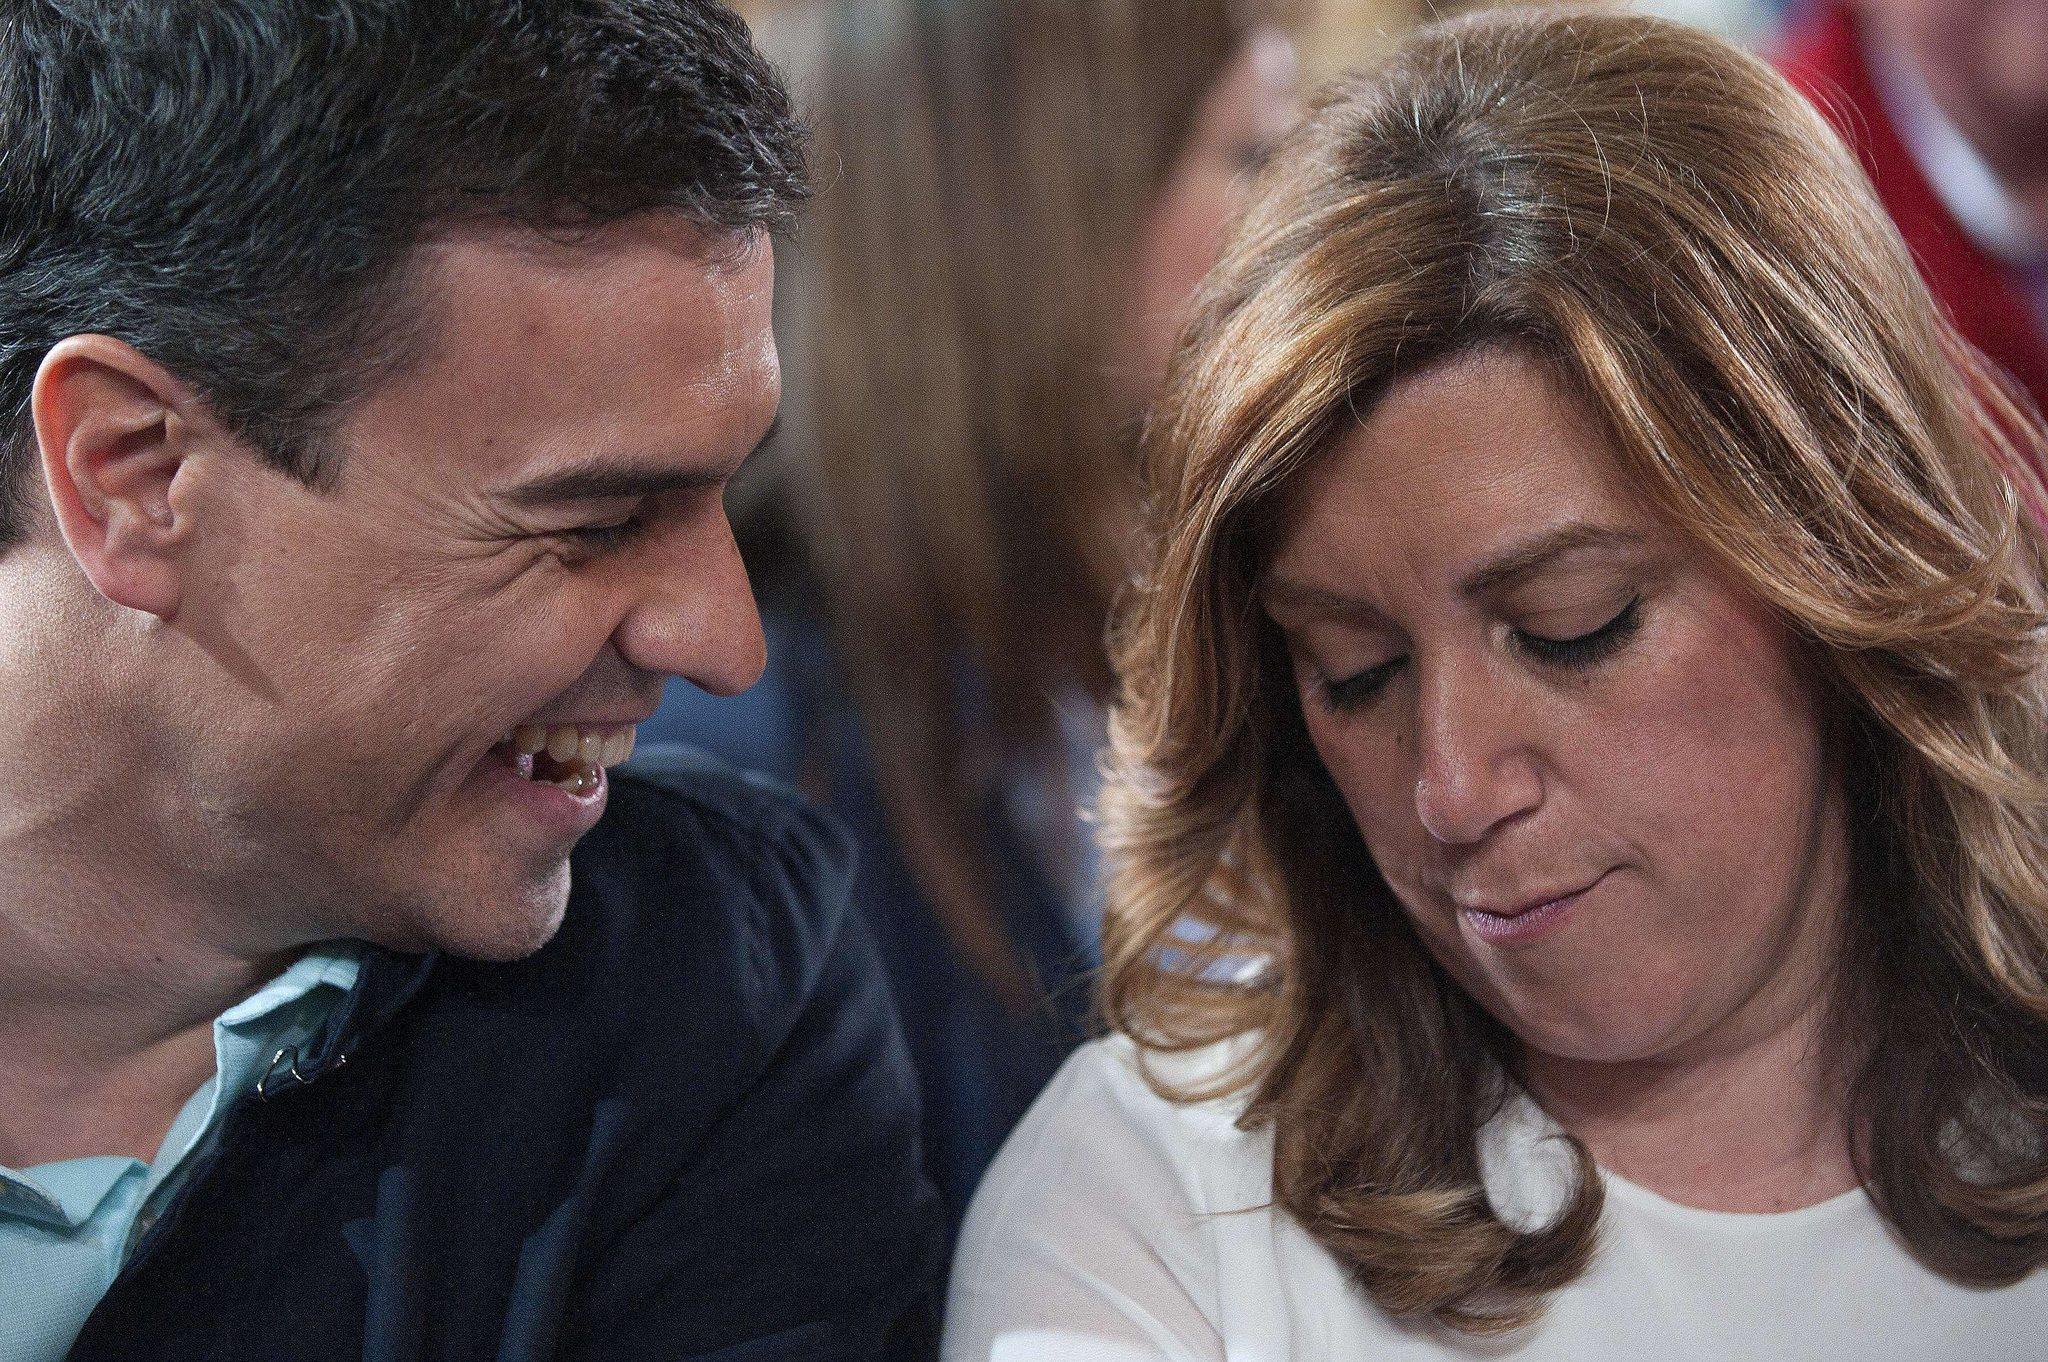 Pedro Sánchez y Susana Díaz, juntos en el mitin celebrado en Vícar (Almería) en marzo de 2015.